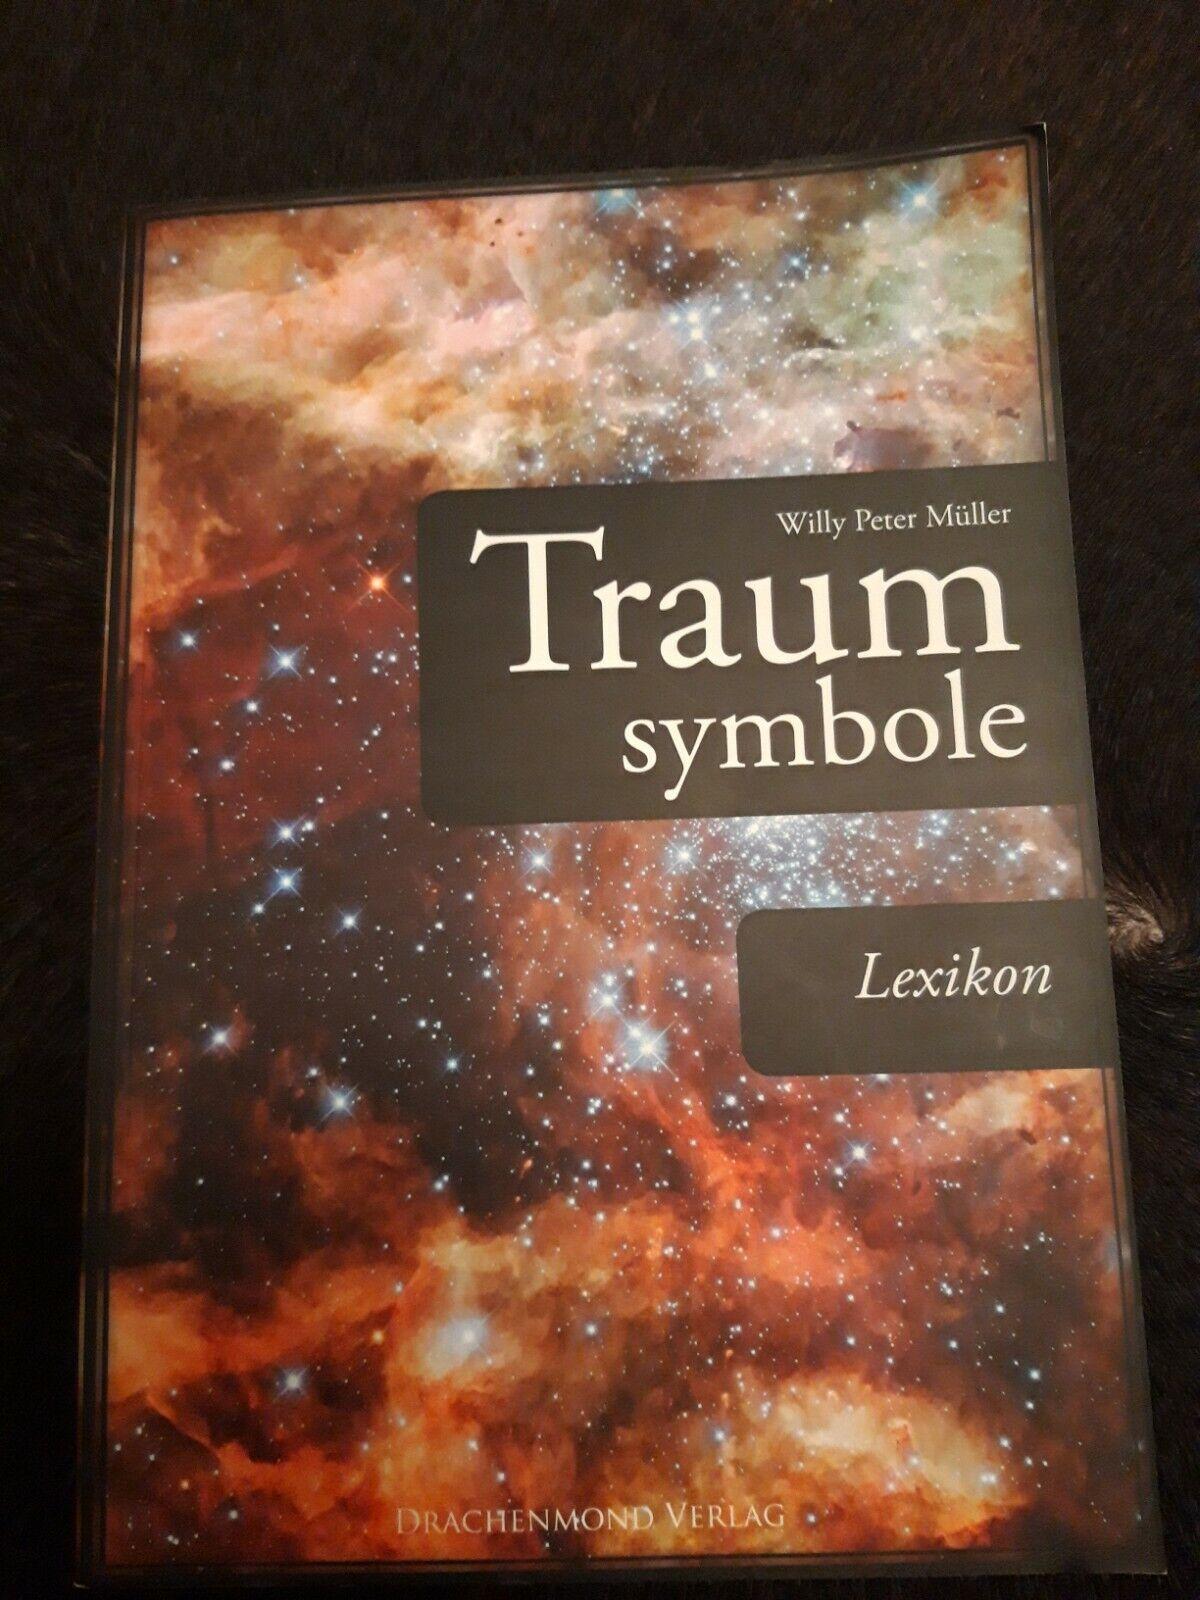 Traumsymbole: Lexikon von Willy Peter Müller   Buch   Zustand gut